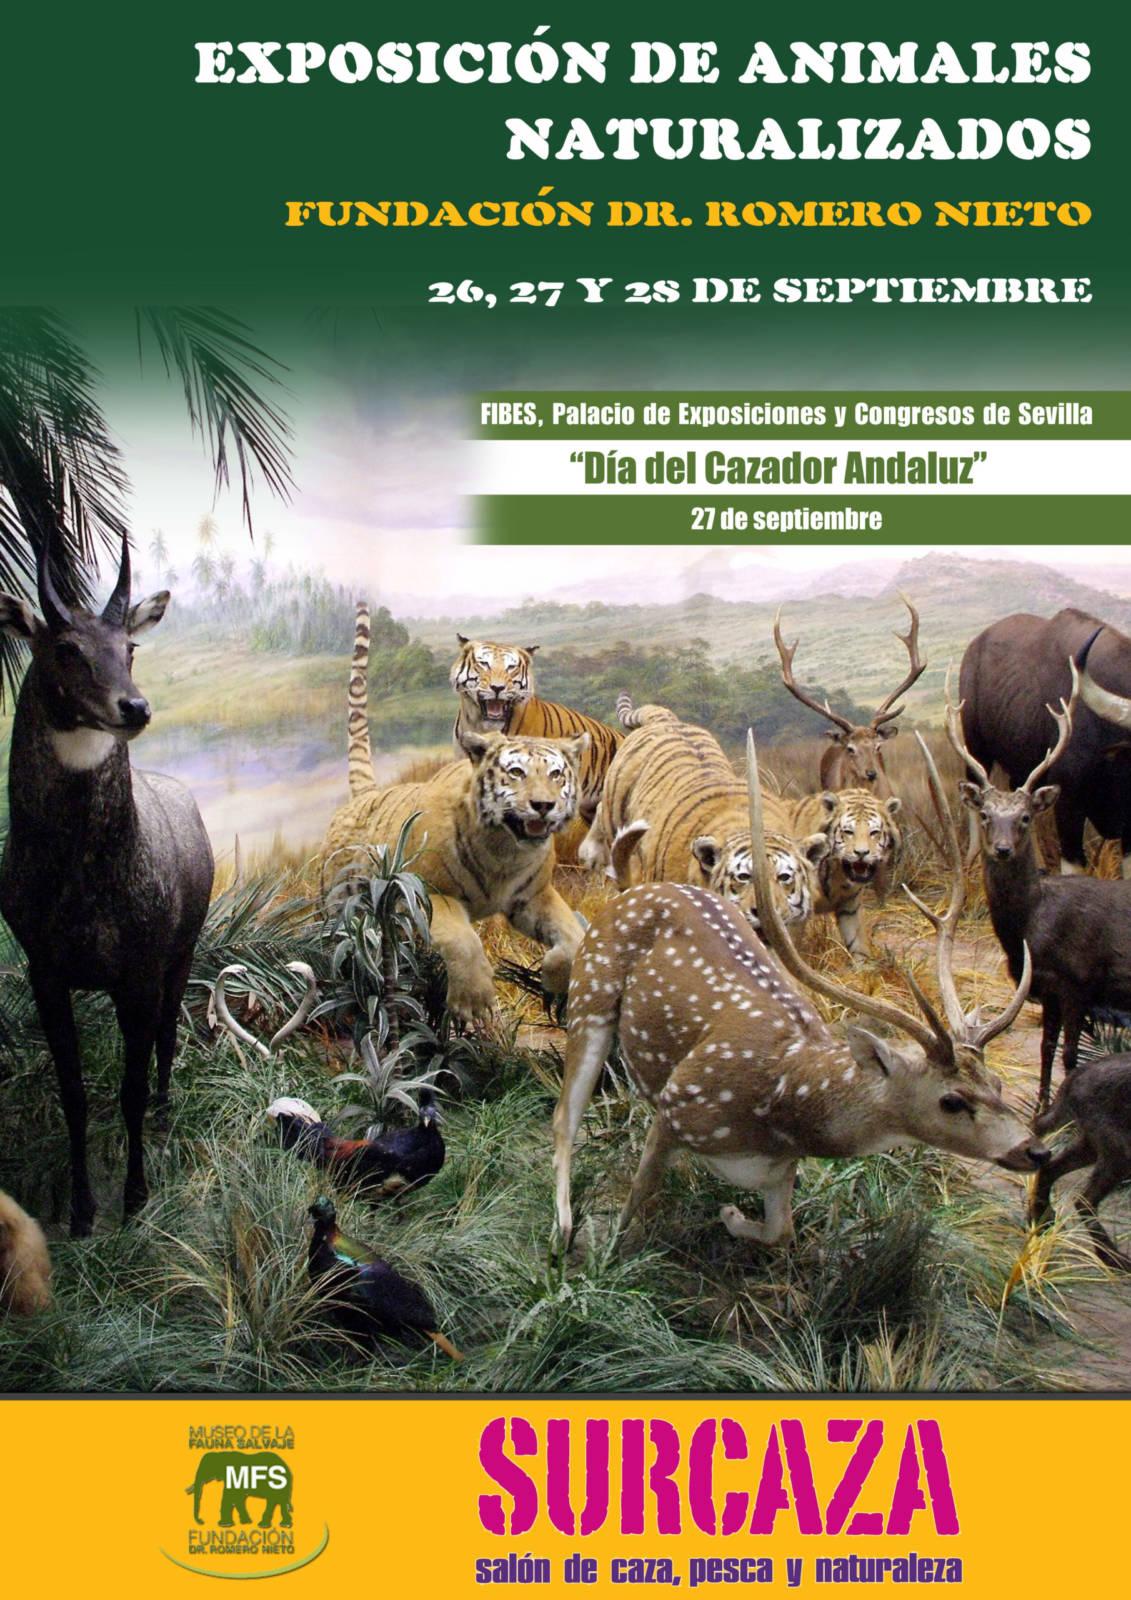 Surcaza contará con una excepcional exposición de la colección del Dr. Romero Nieto